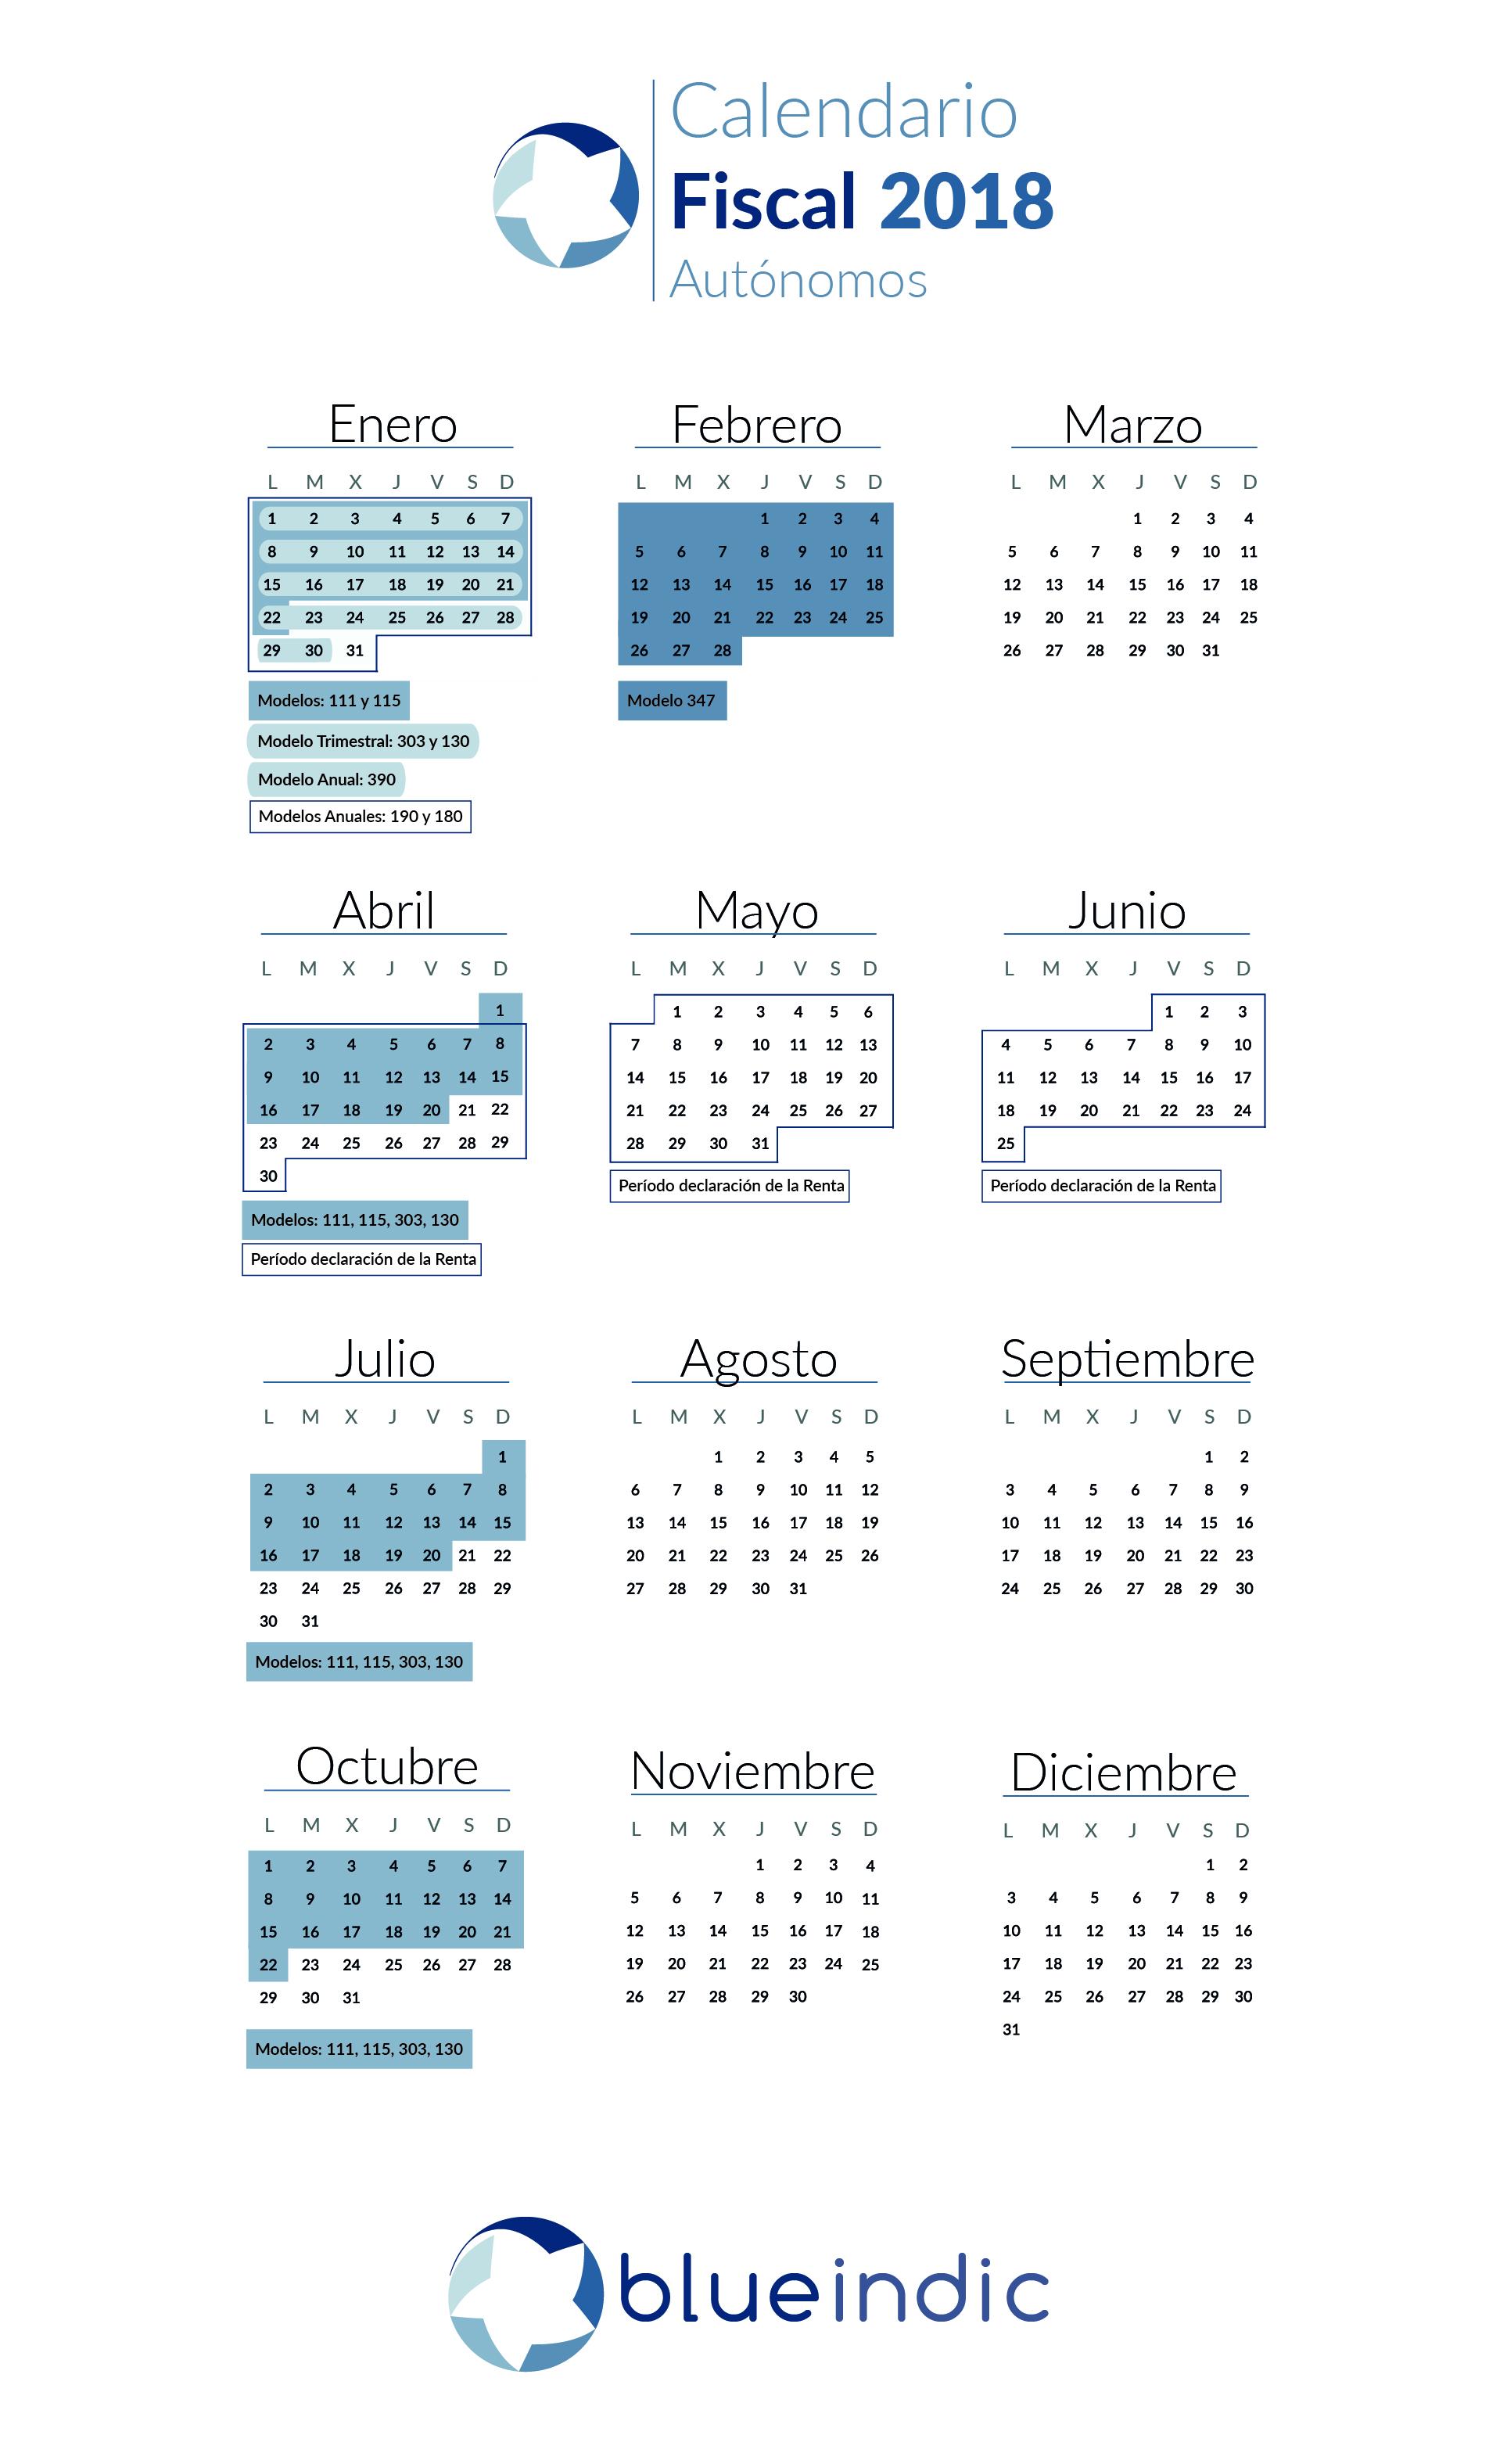 Calendario Fiscal para Autónomos en 2018